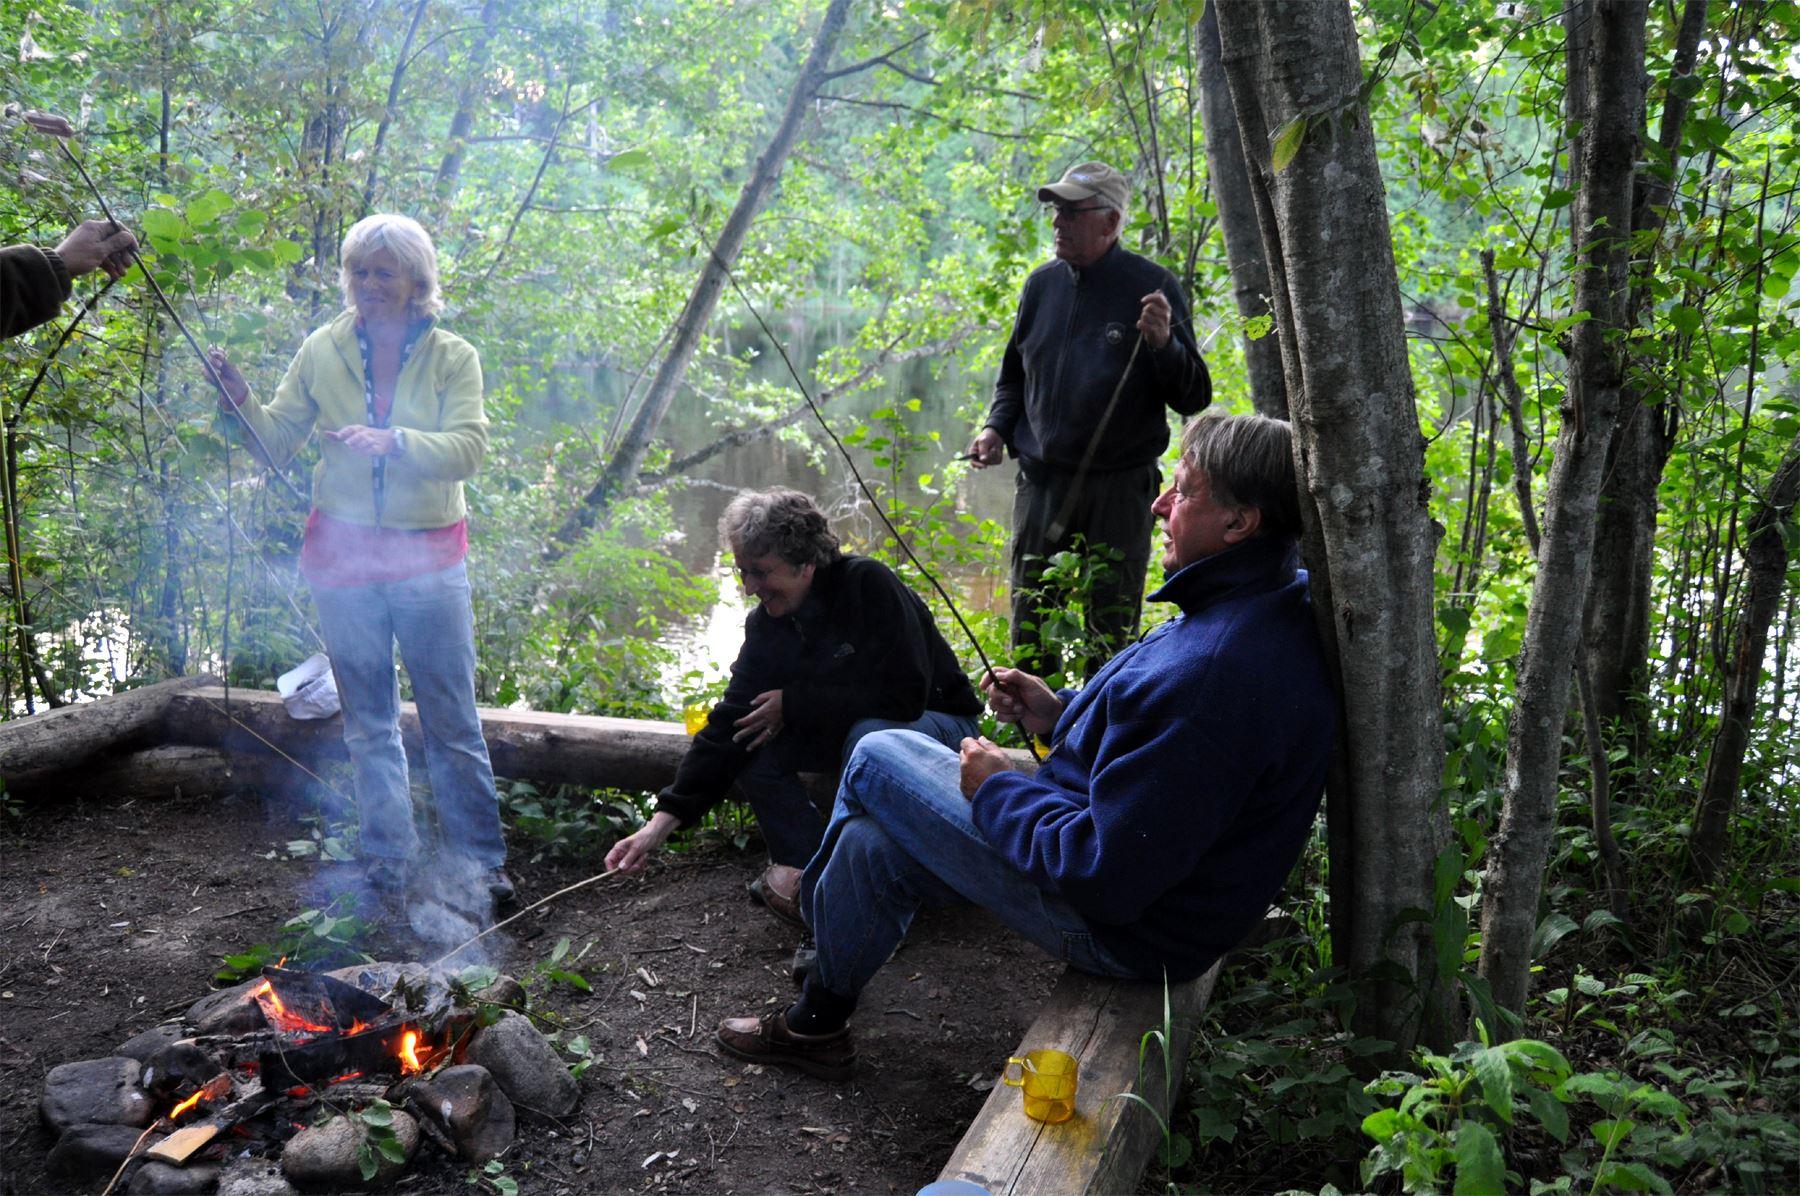 Storängens Camping & Ferienhäuser/ Camping